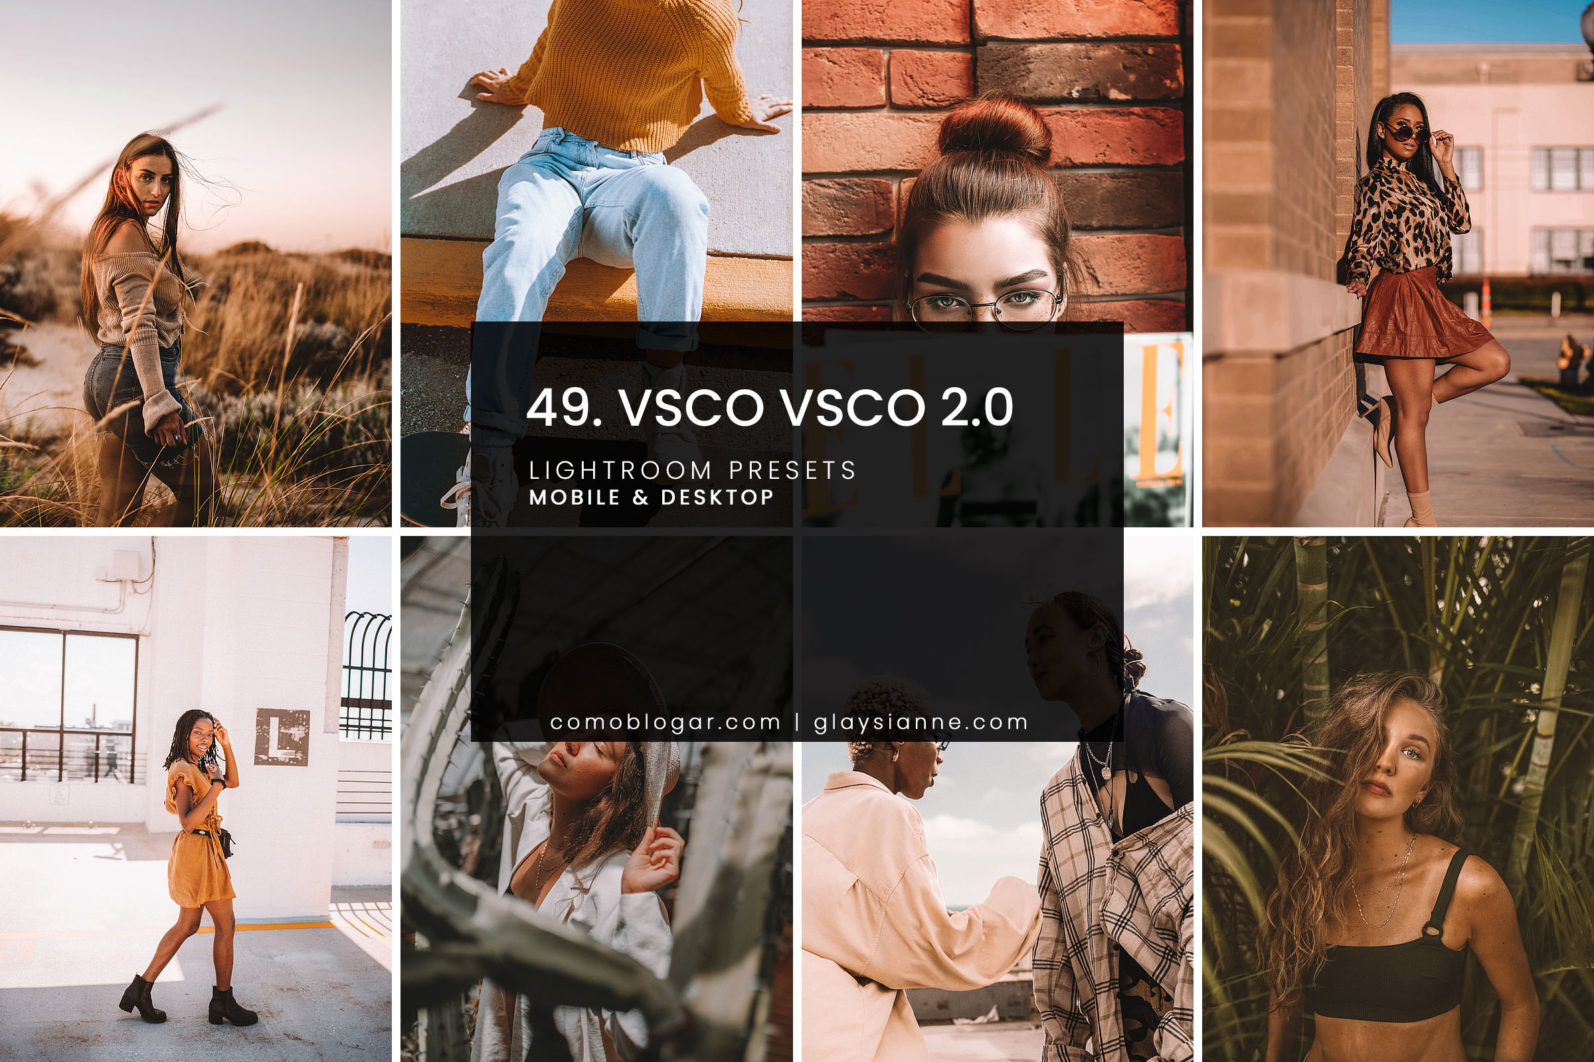 49. VSCO VSCO 2.0 - 49. VSCO VSCO 2.0 1 -